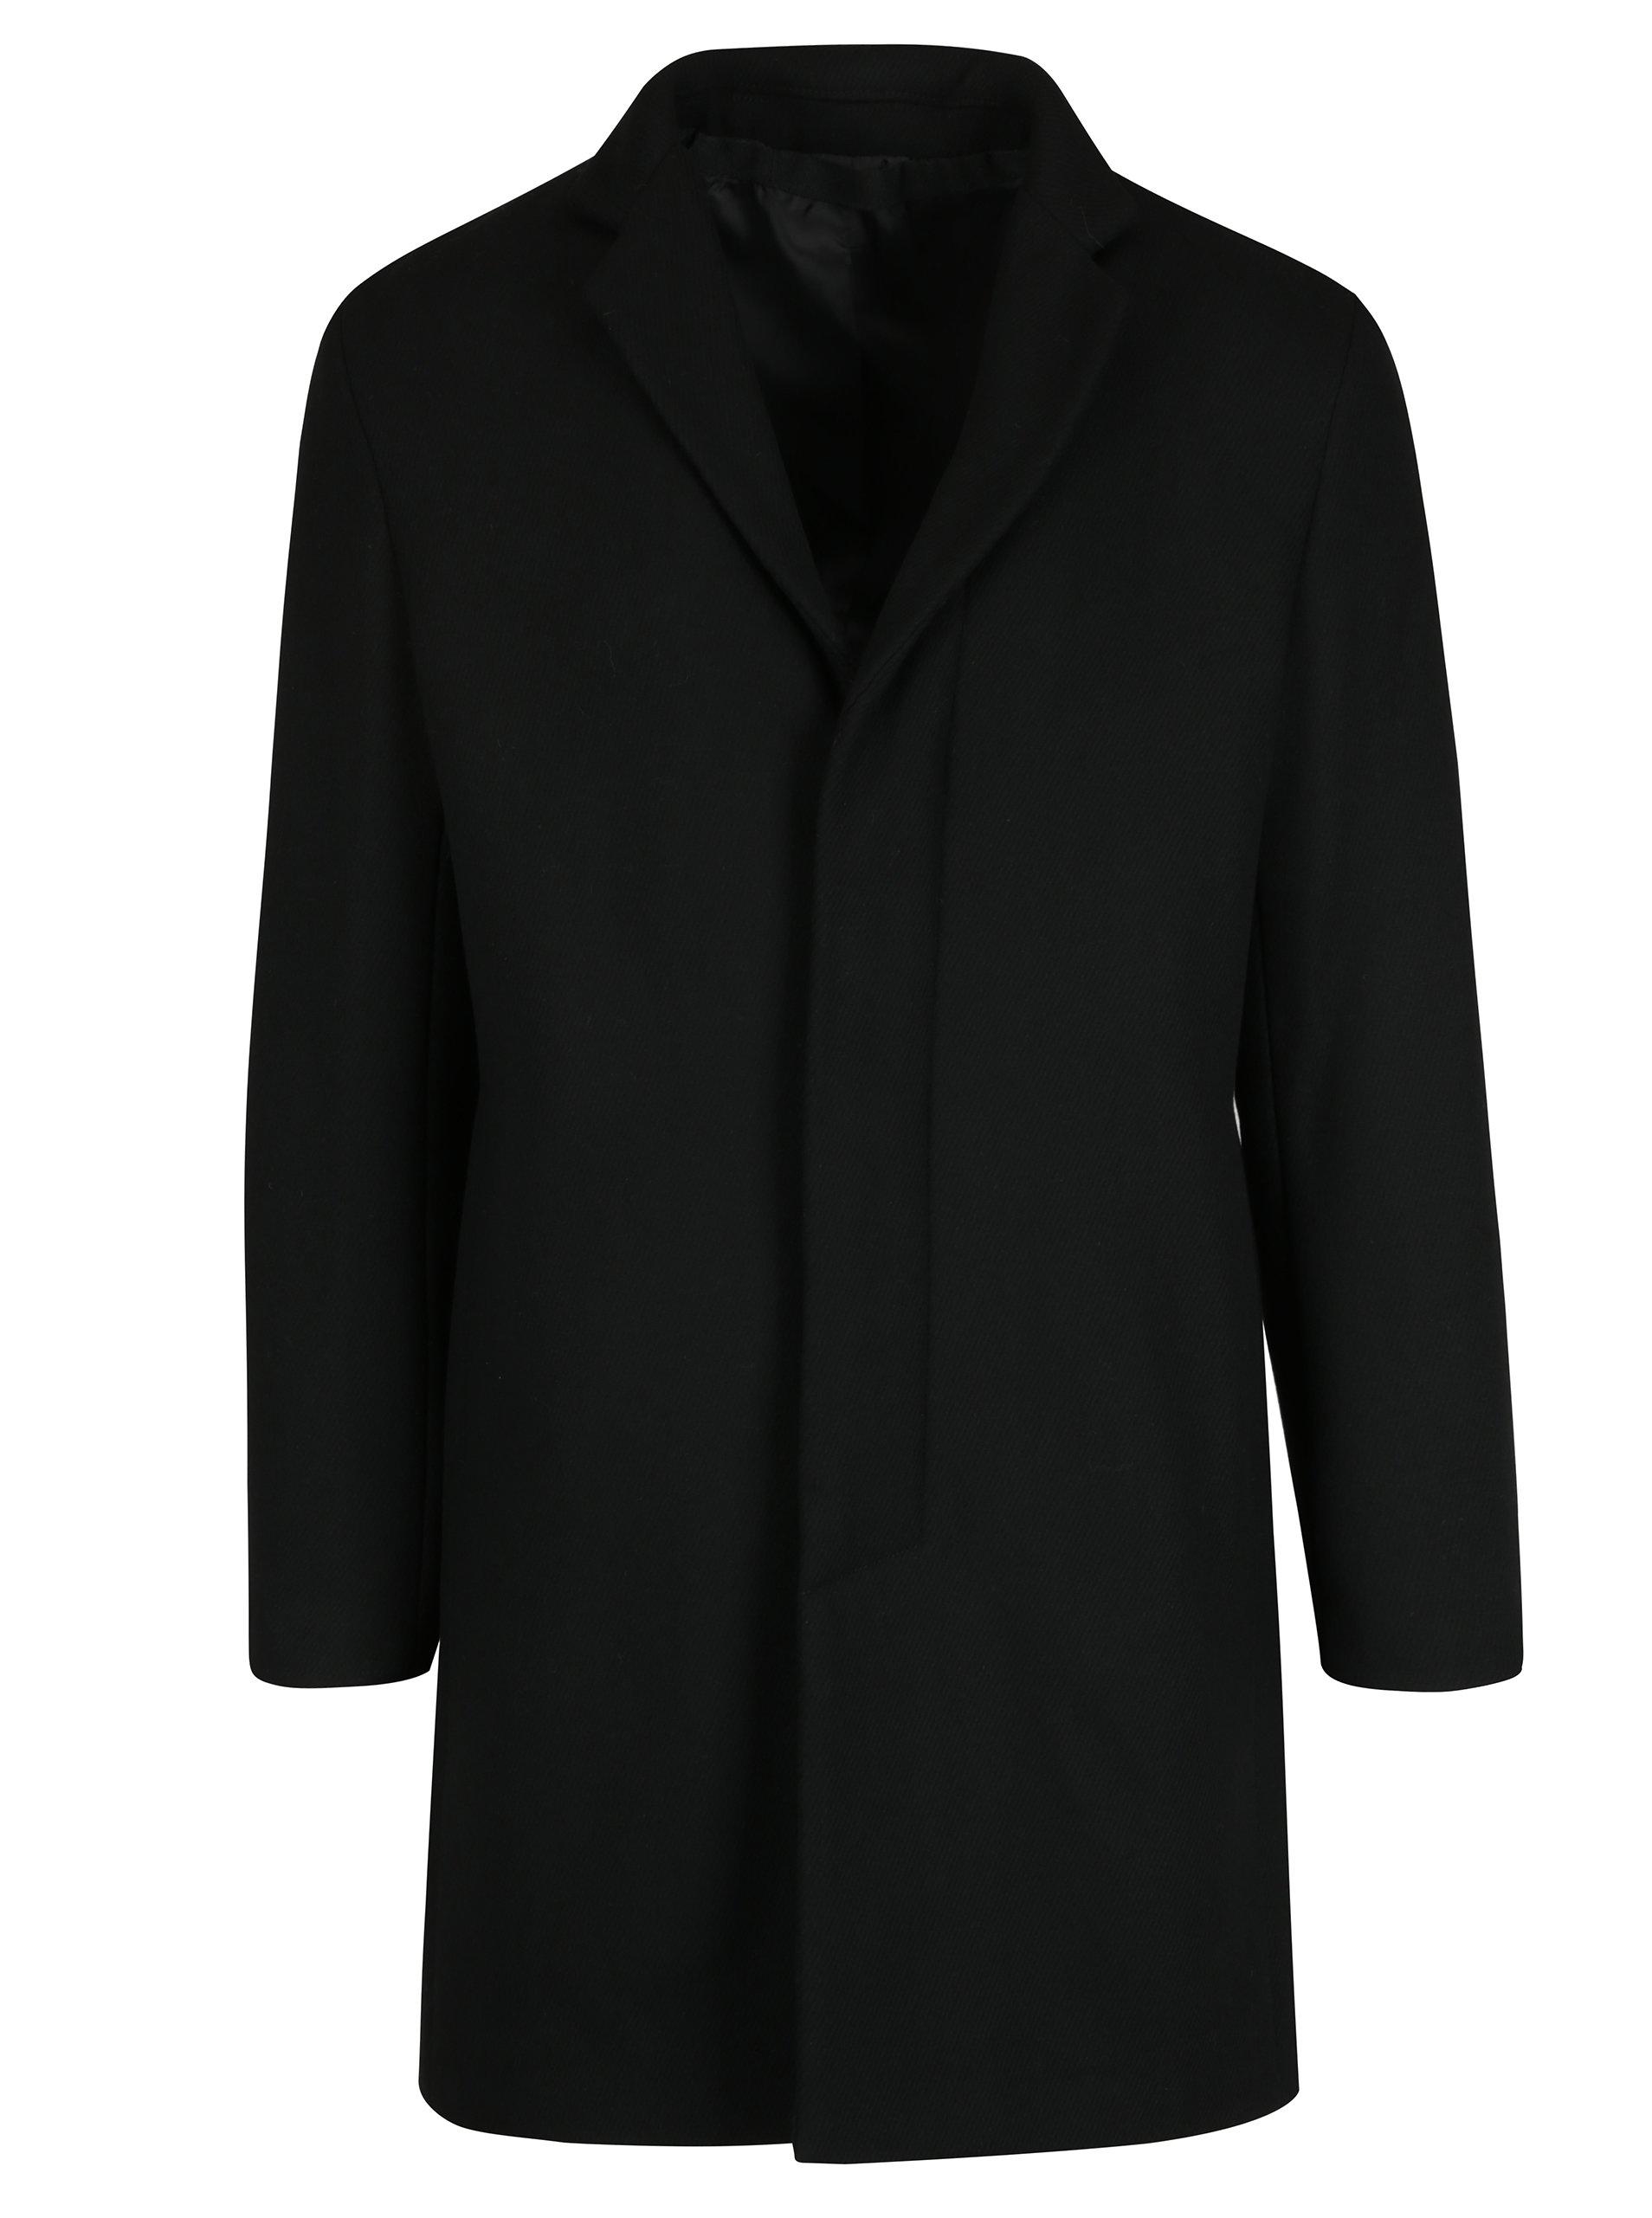 Černý kabát s příměsí vlny Selected Homme Brove